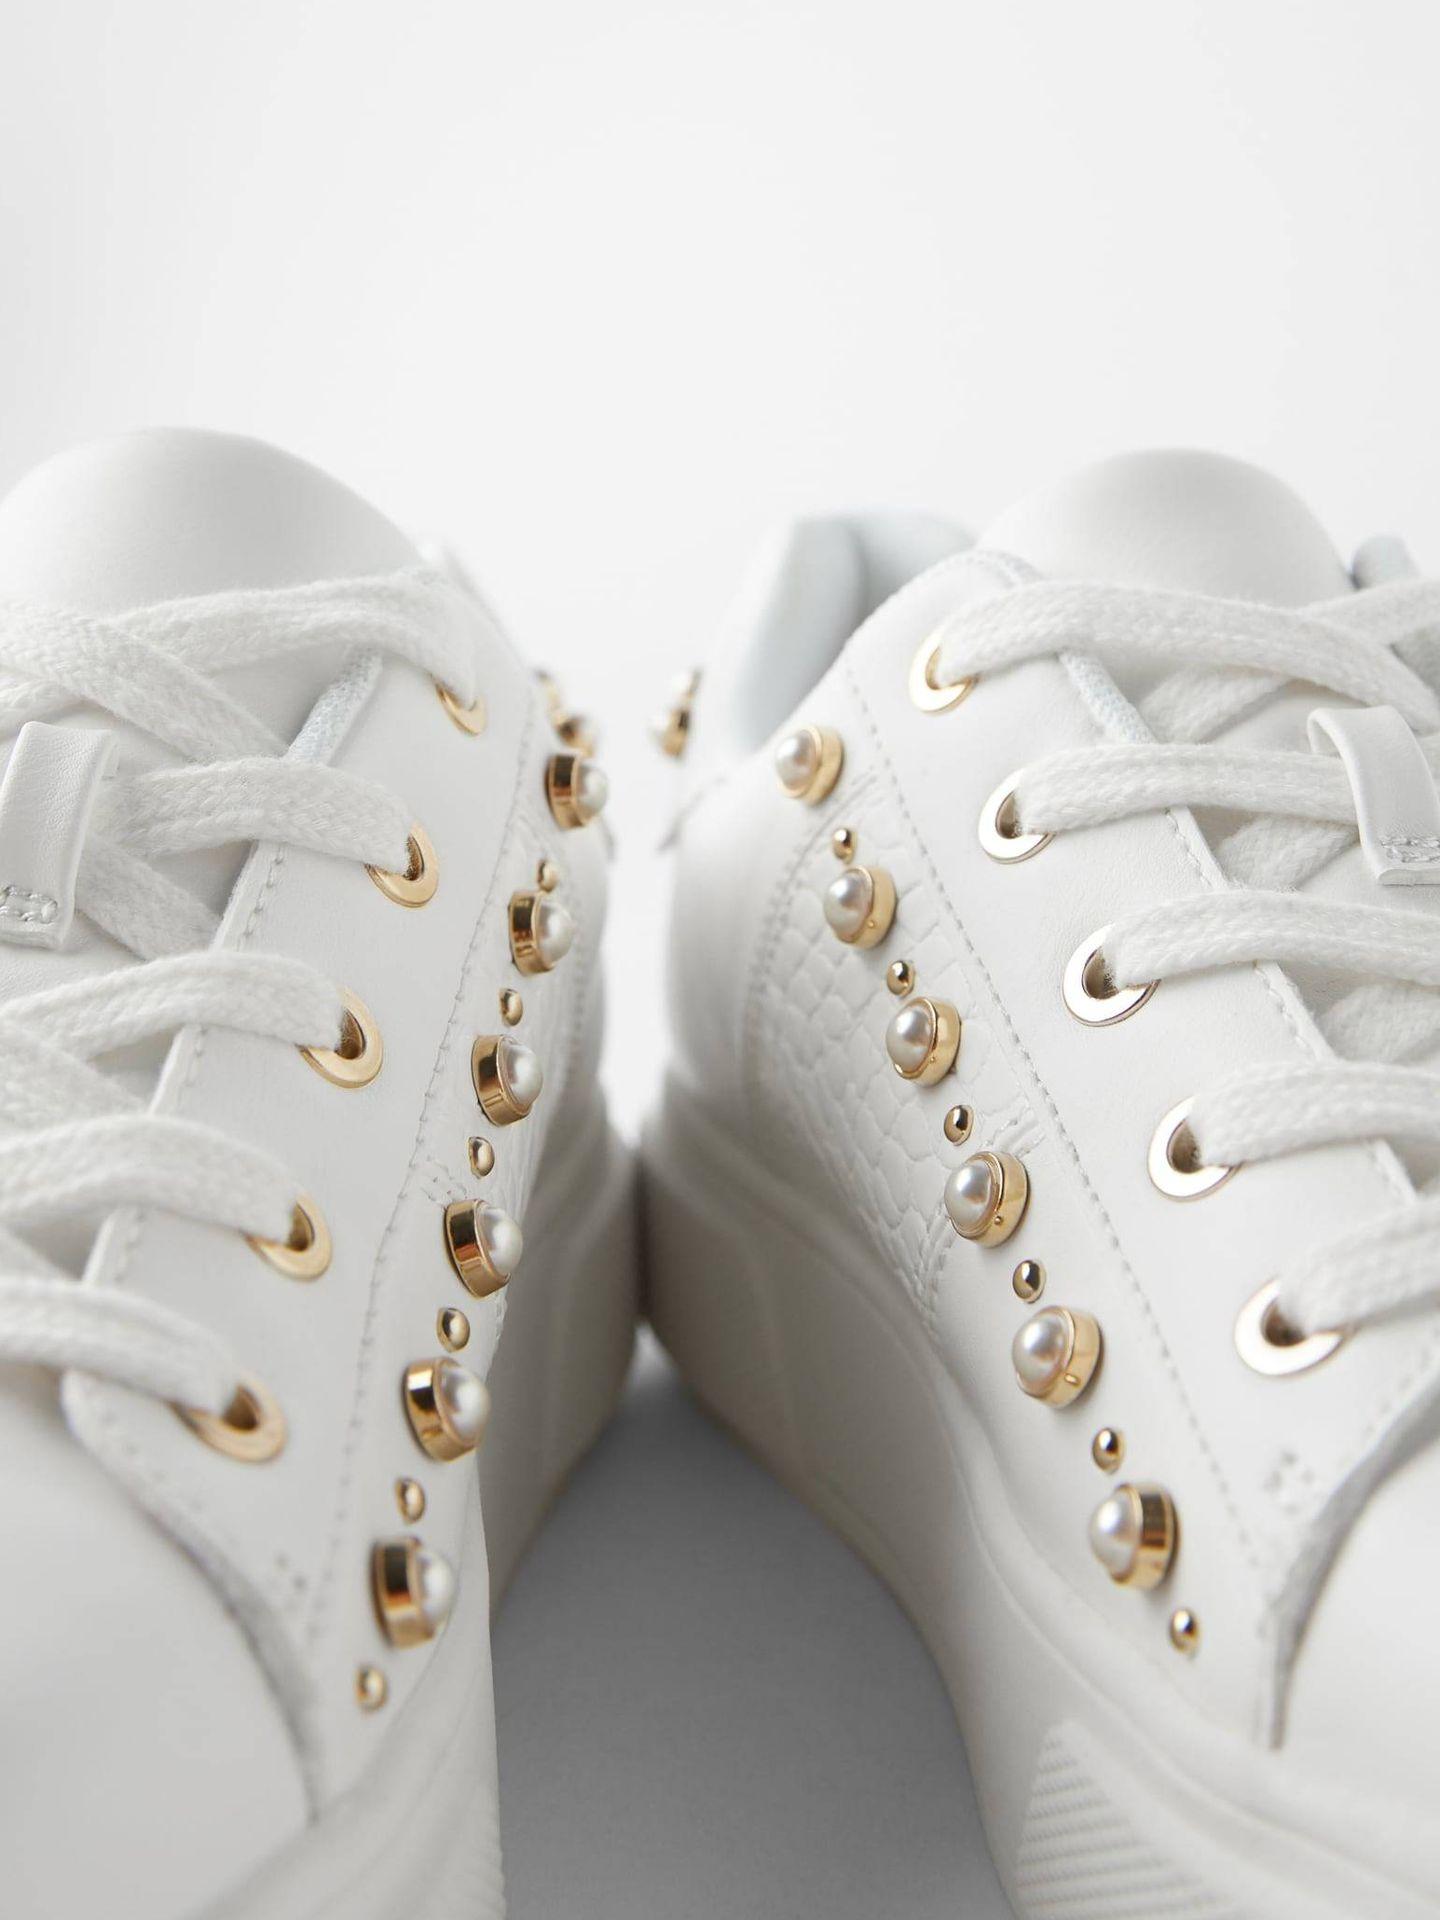 Las zapatillas deportivas de Zara. (Cortesía)